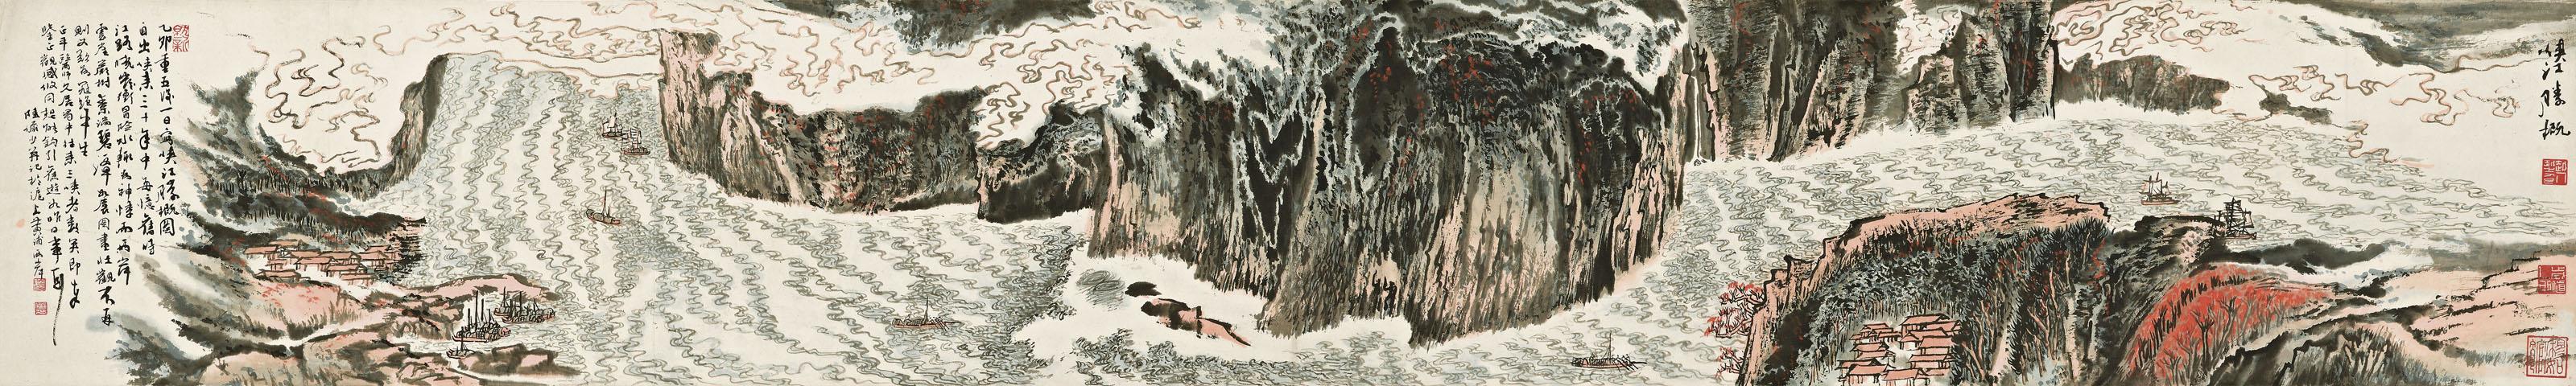 Grandeur of The Three Gorges